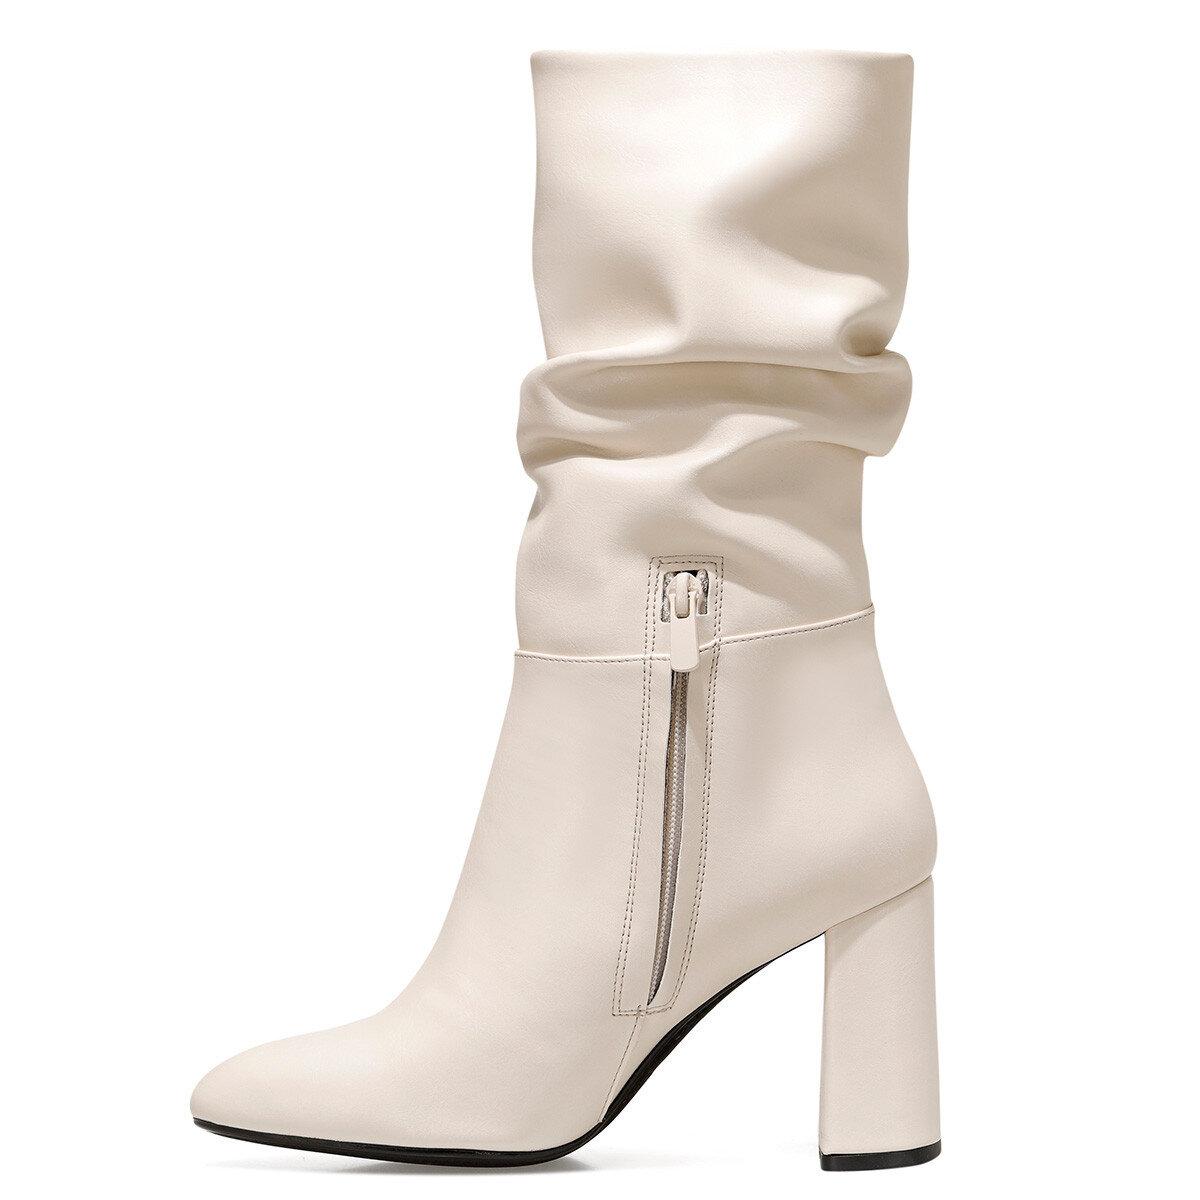 UMBRIA Krem Kadın Topuklu Çizme